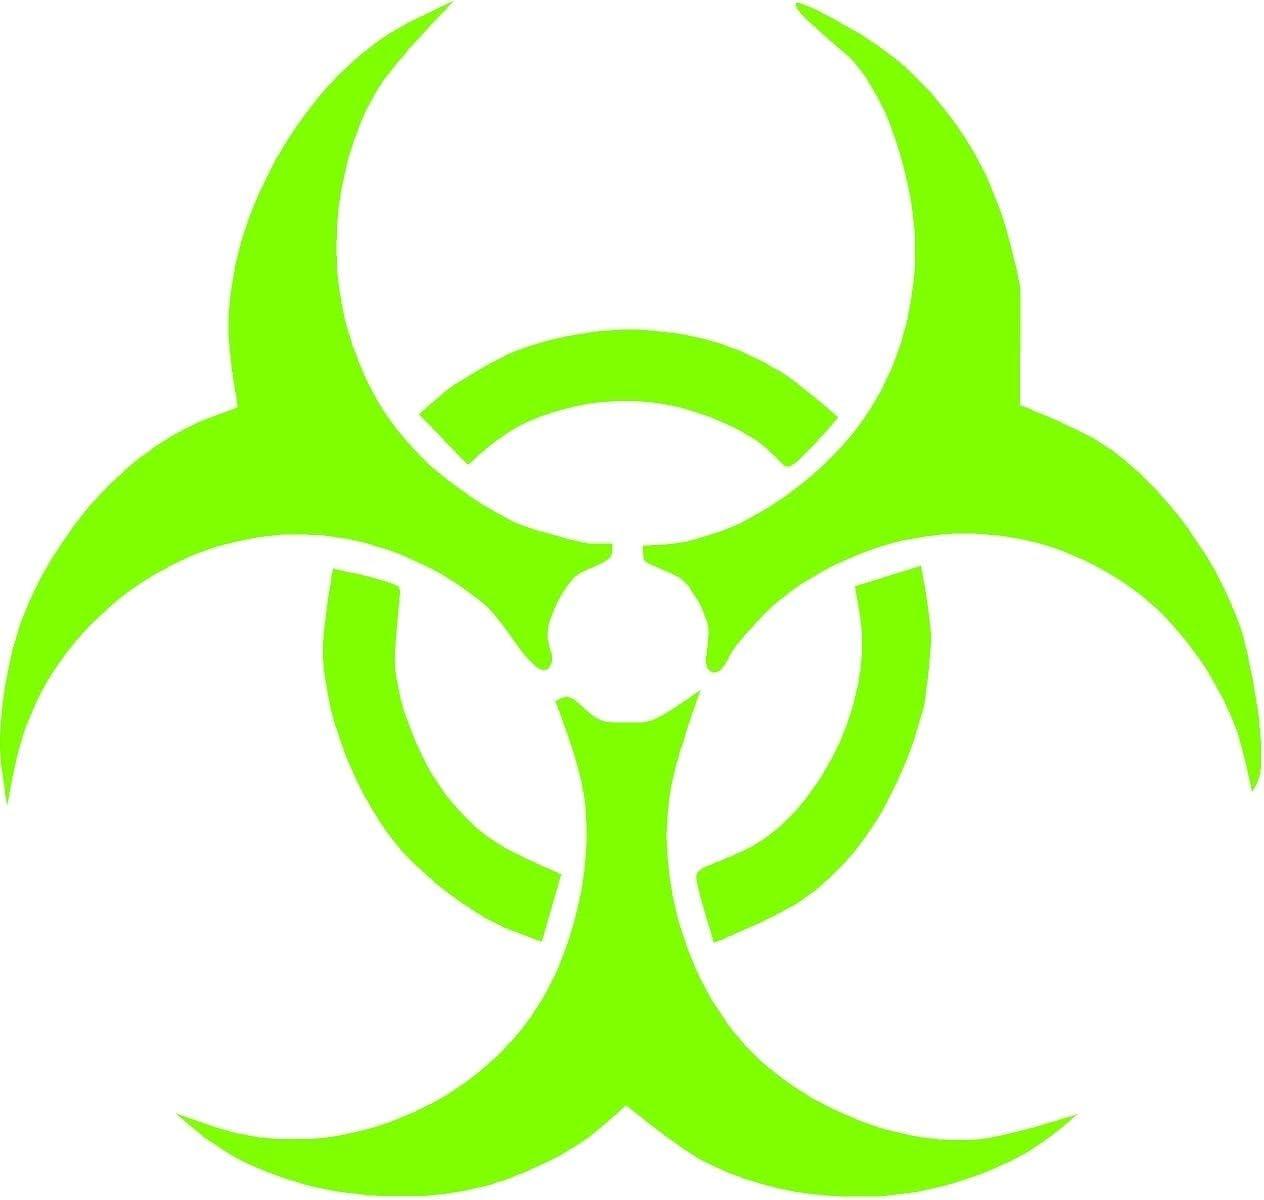 """ProSticker 1277.12 (One) 12"""" Zombie Series Green Bio Hazard Decal Sticker"""